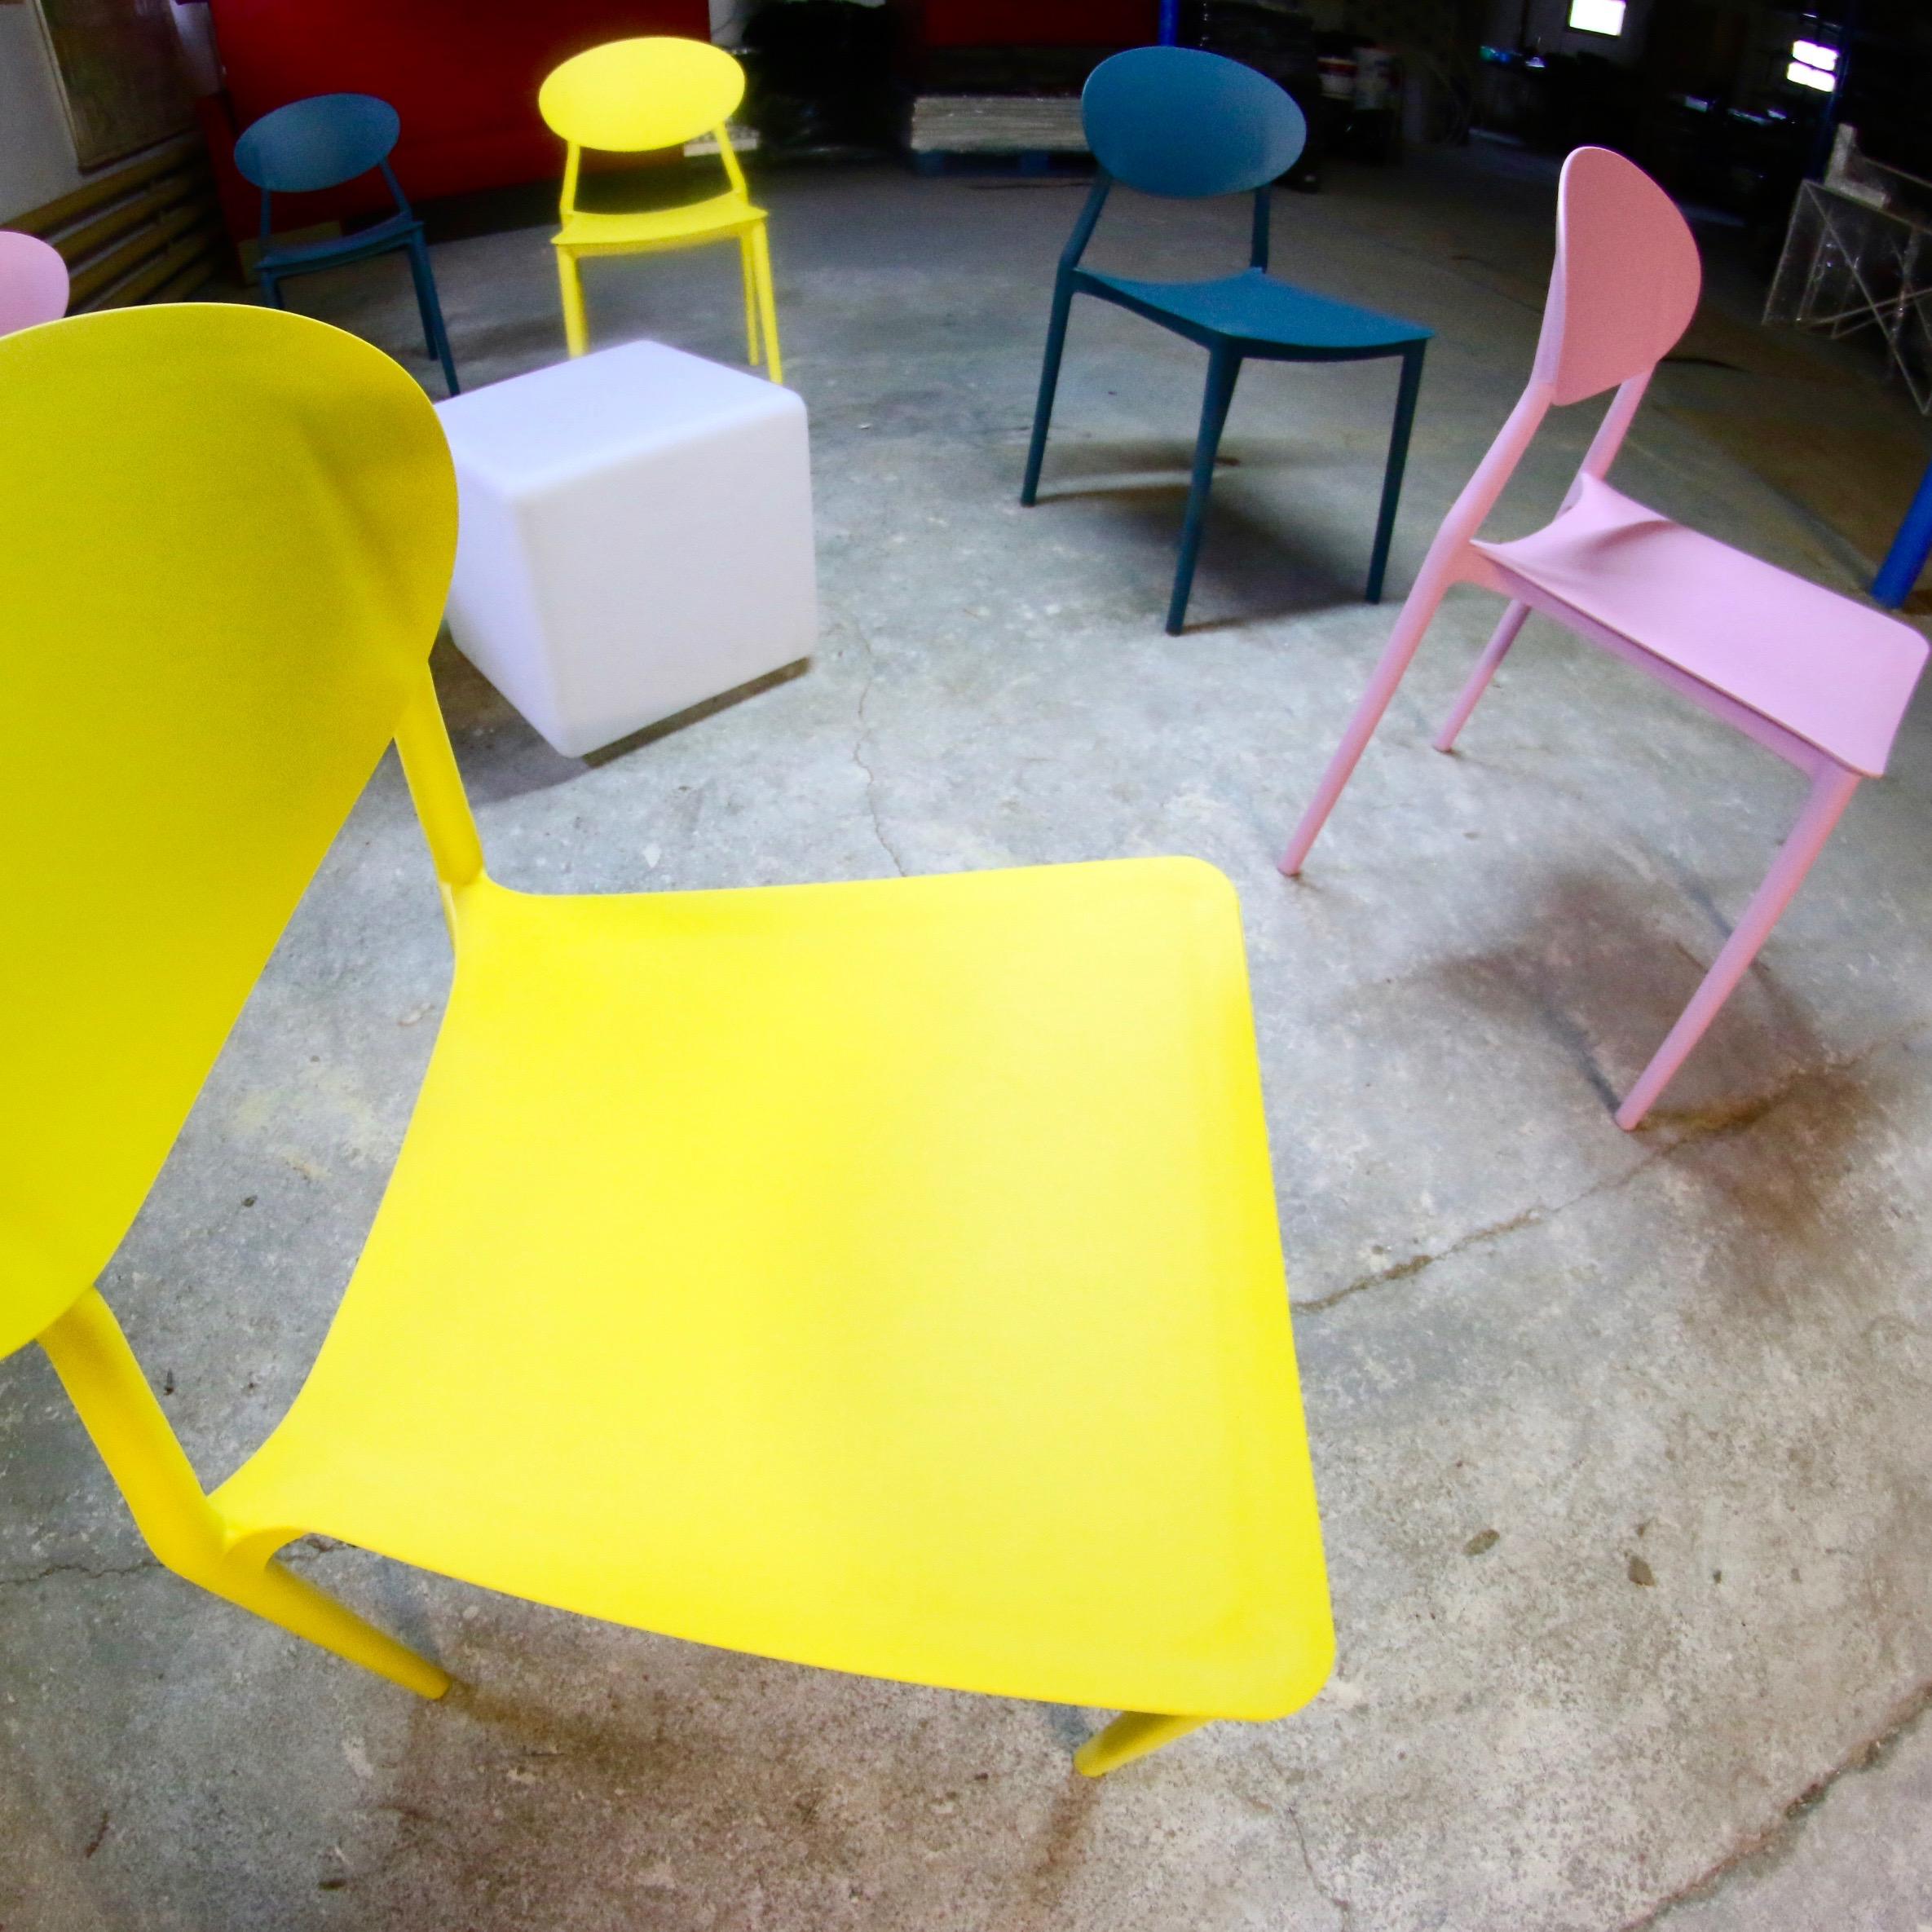 Krzesla Ipanema zolte rozowe morski turkus biale na slub na wesele kolorowe krzesla wynajem mebli magnetic group trojmiasto gdansk gdynia sopot plock koszalin olsztyn ostroda bydgoszcz torun